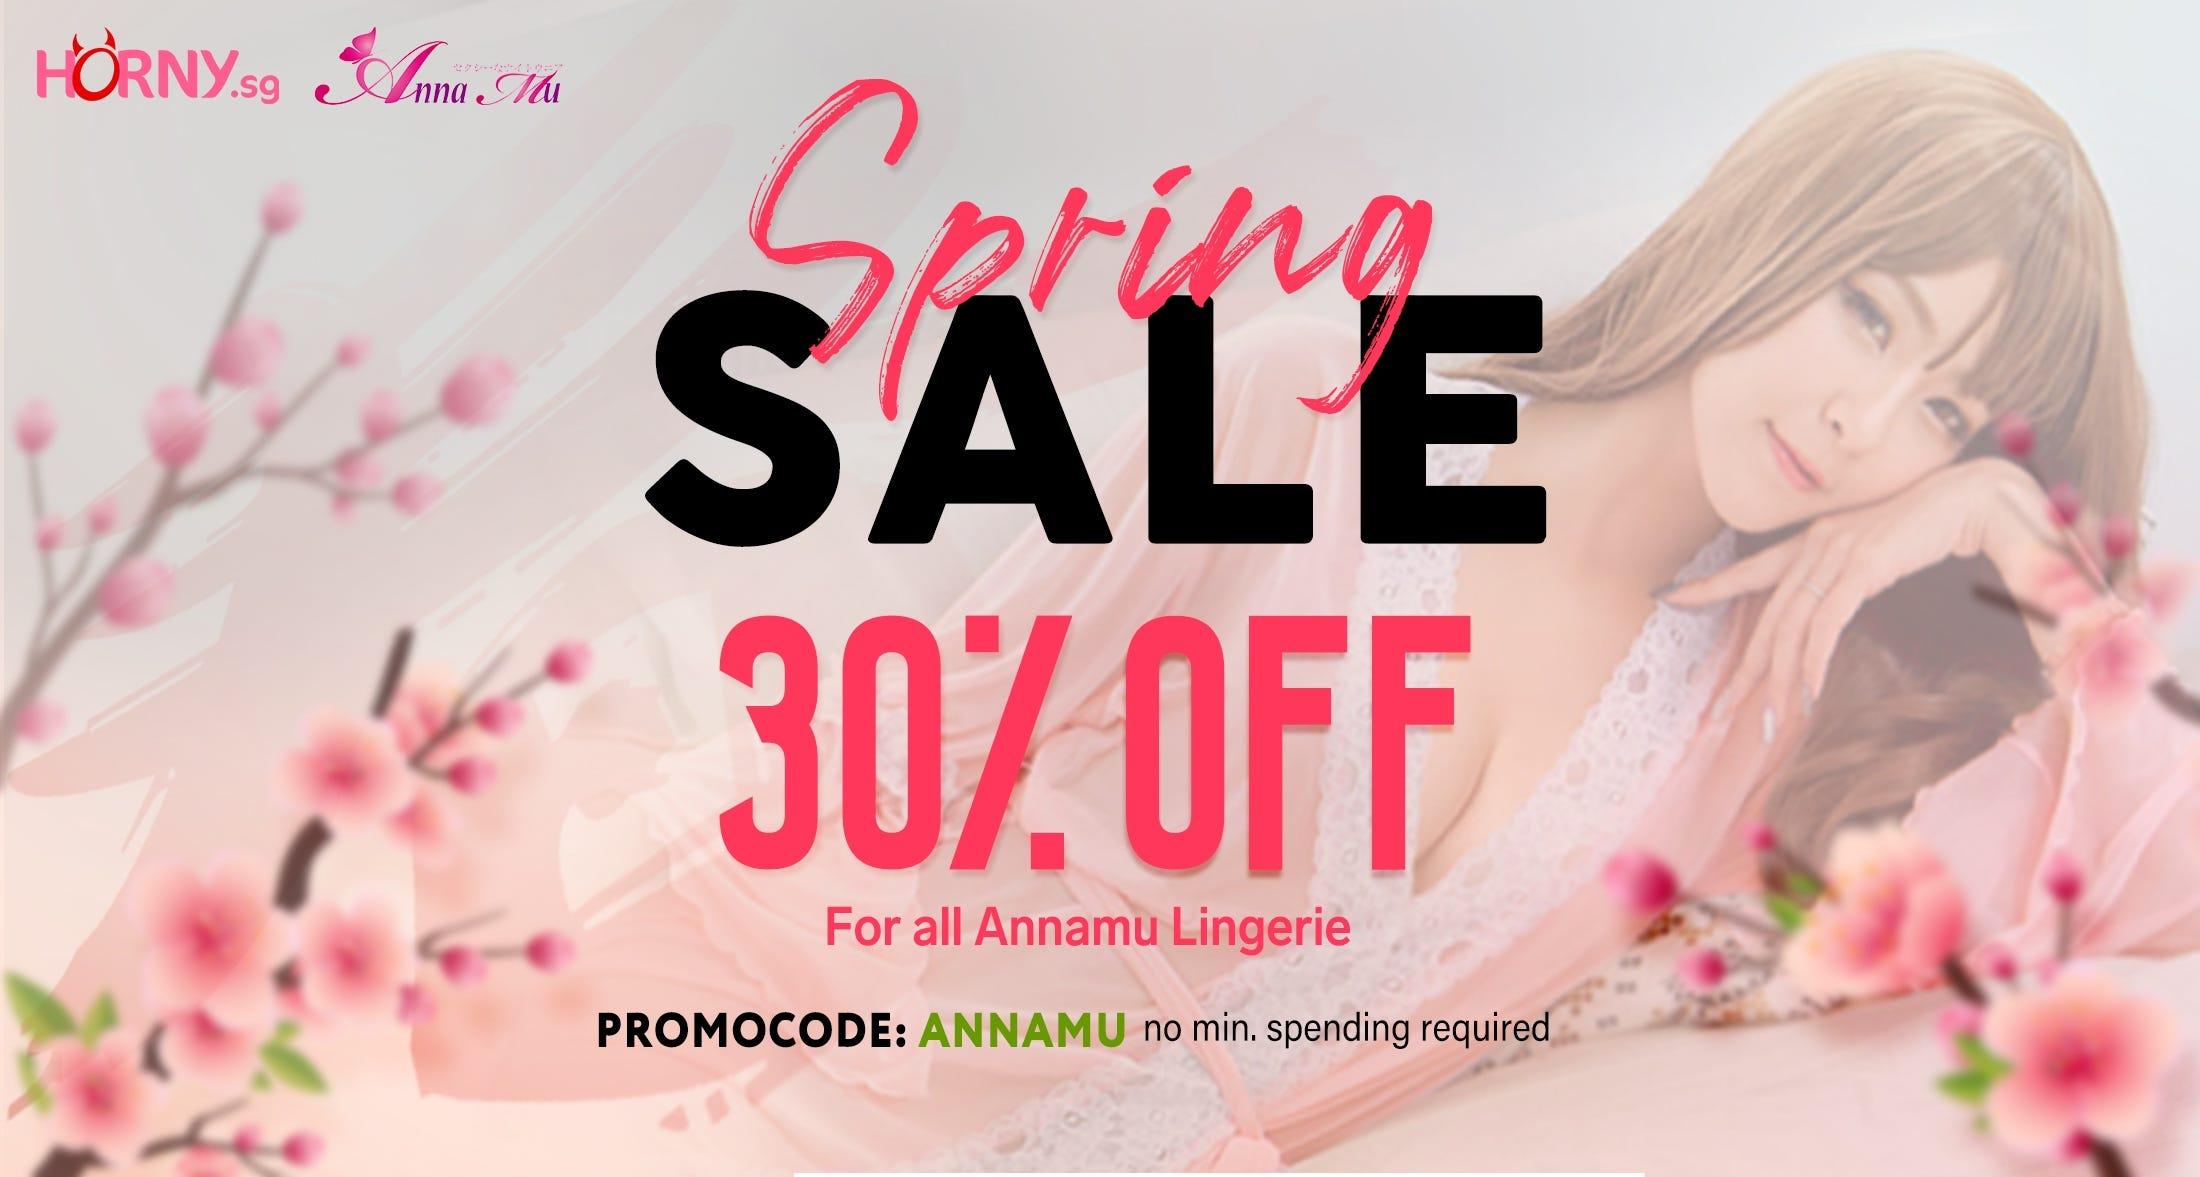 Springh Sales 30% OFF Anna Mu Lingerie